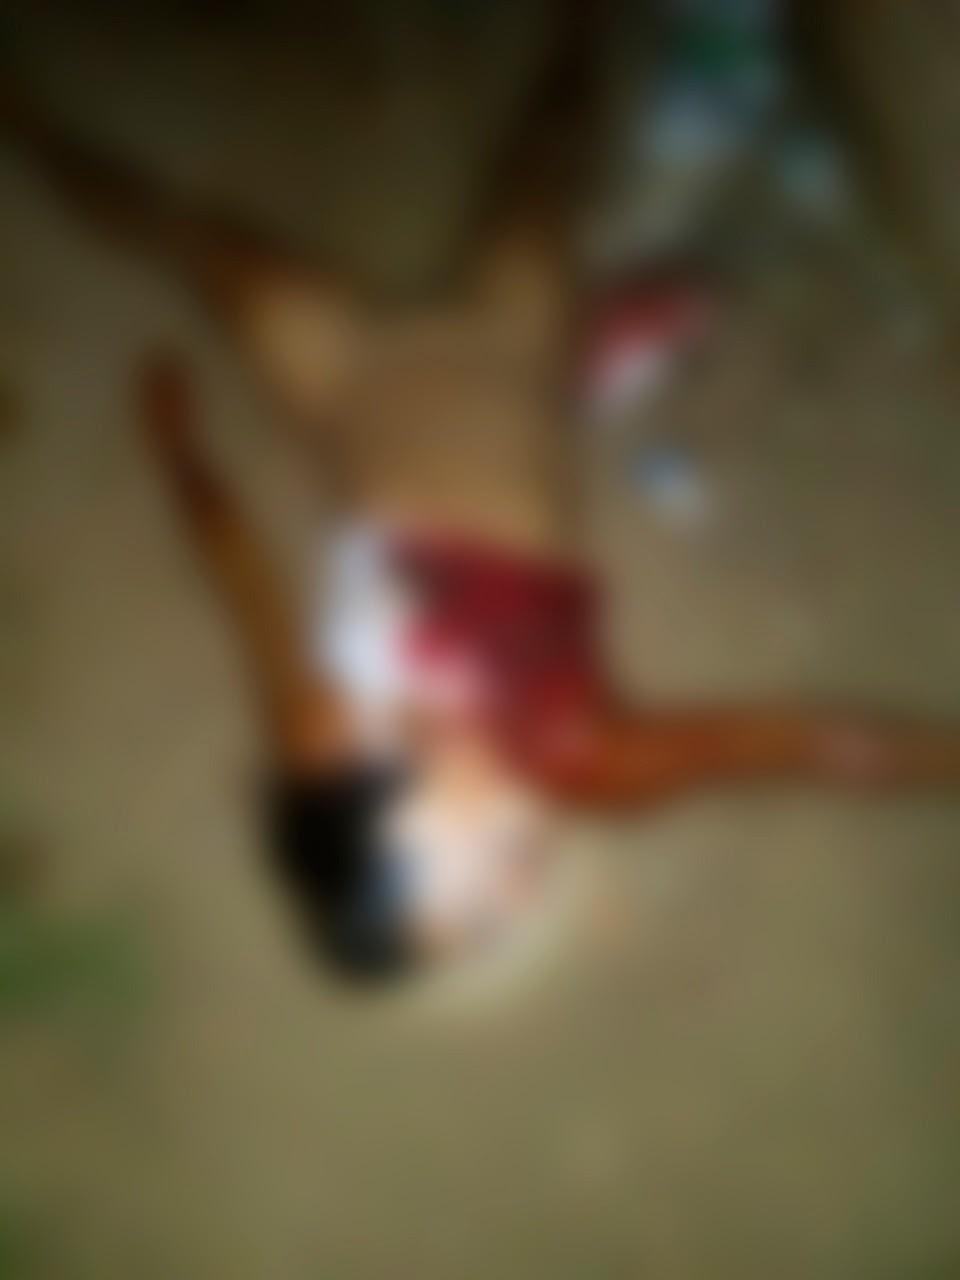 Mulher brutalmente assassinada em tau portal de for Portal corrente e noticia